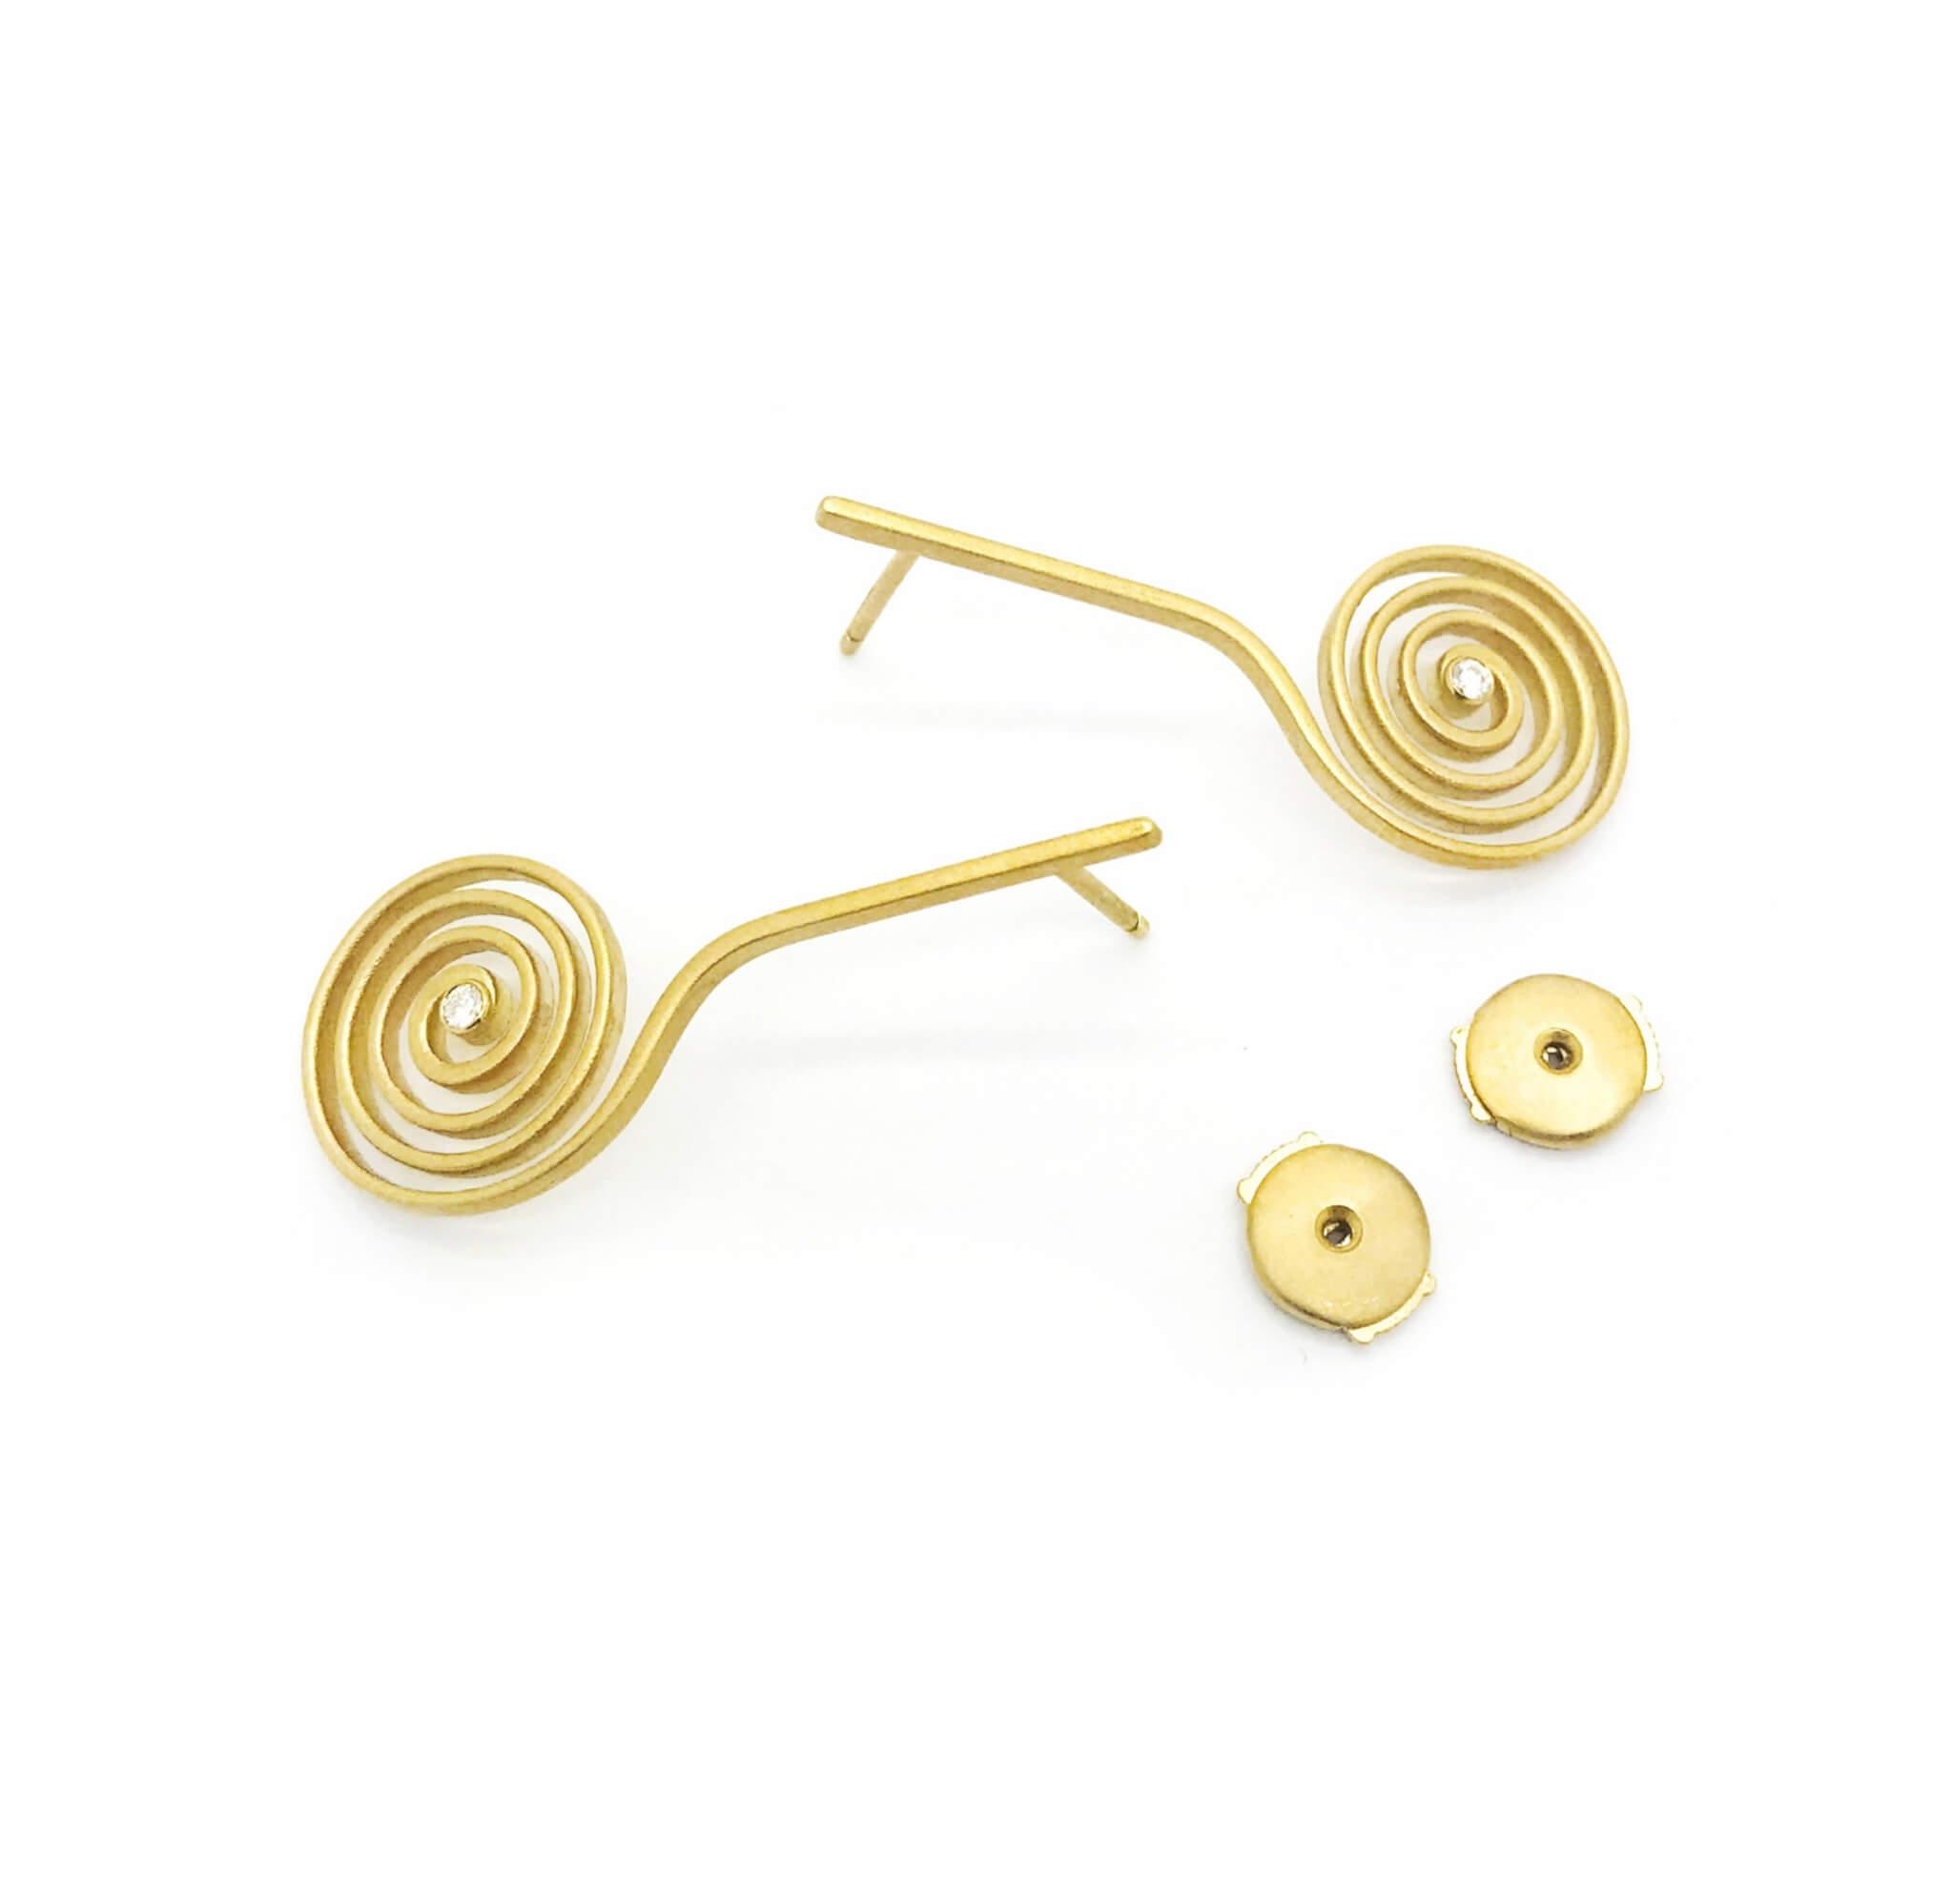 Spirale boucle d'oreilles or diamant